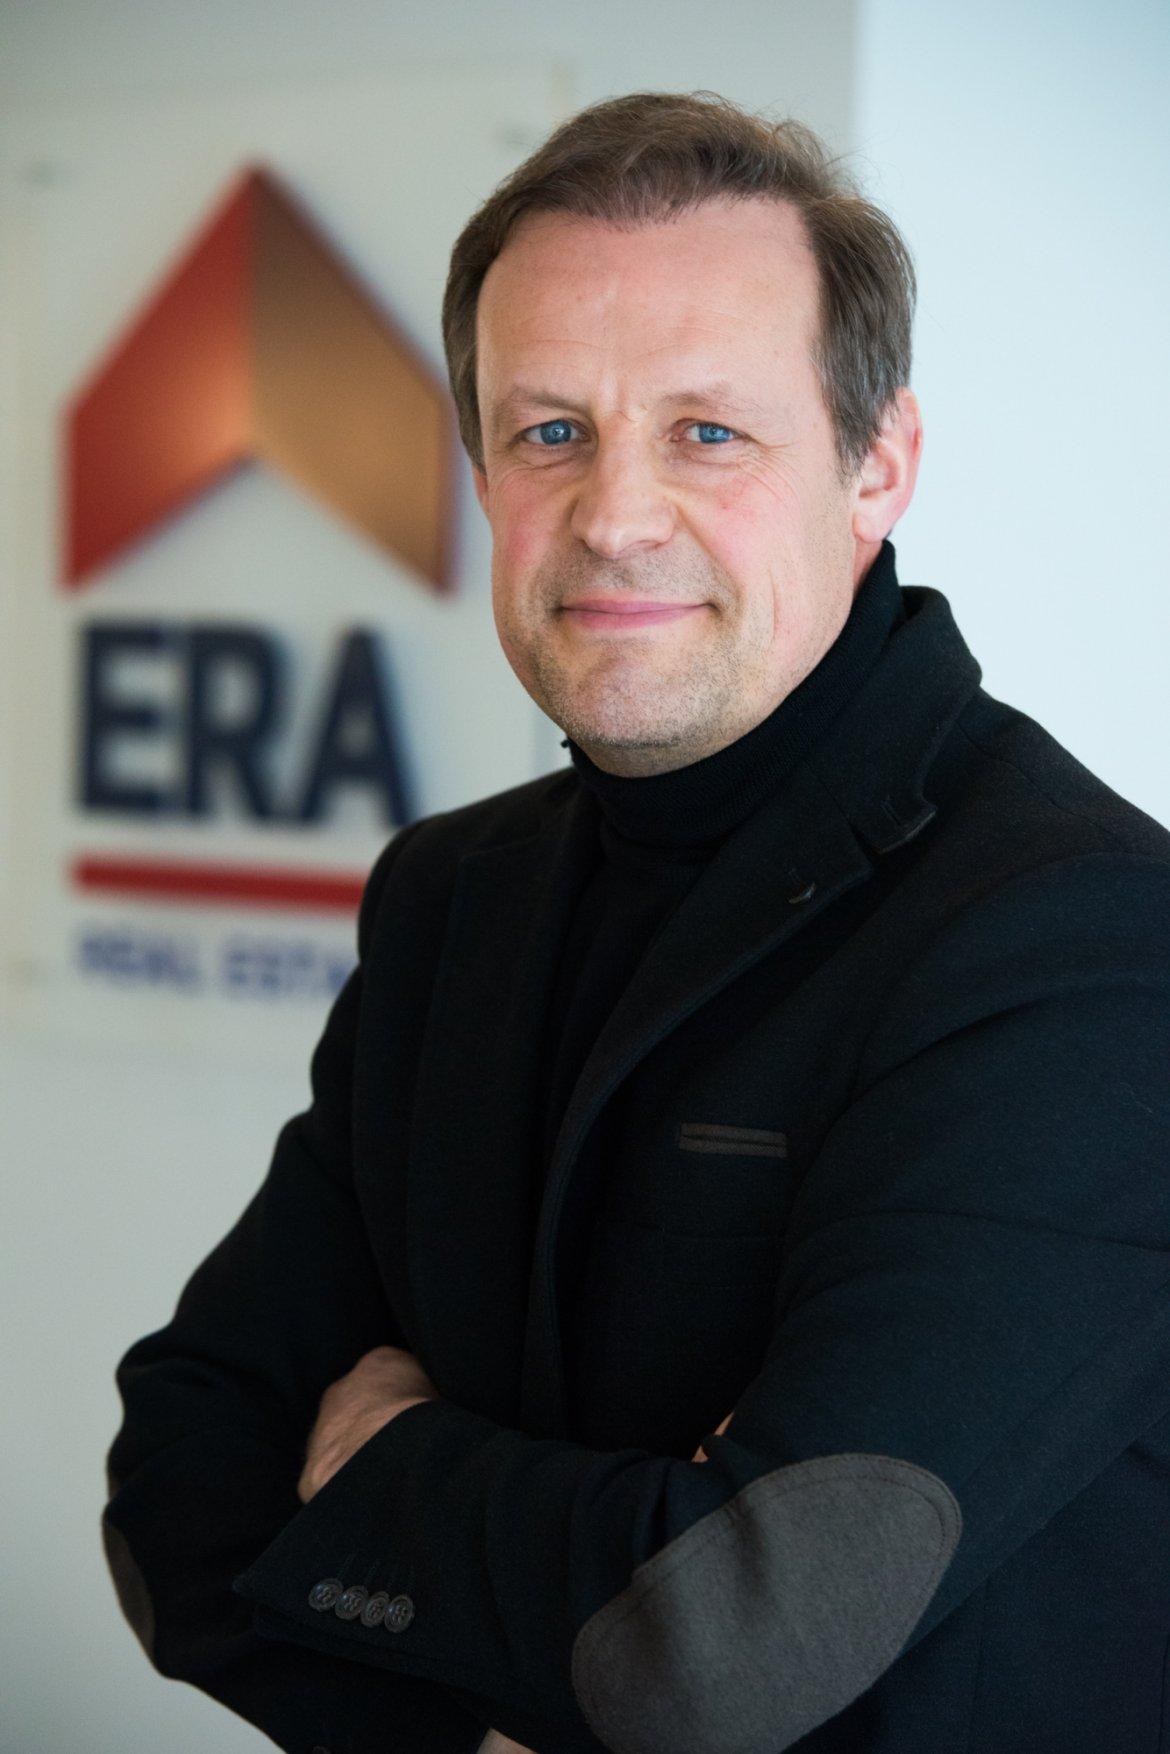 Michel Van Den Meersschaut - ERA Visie Plus